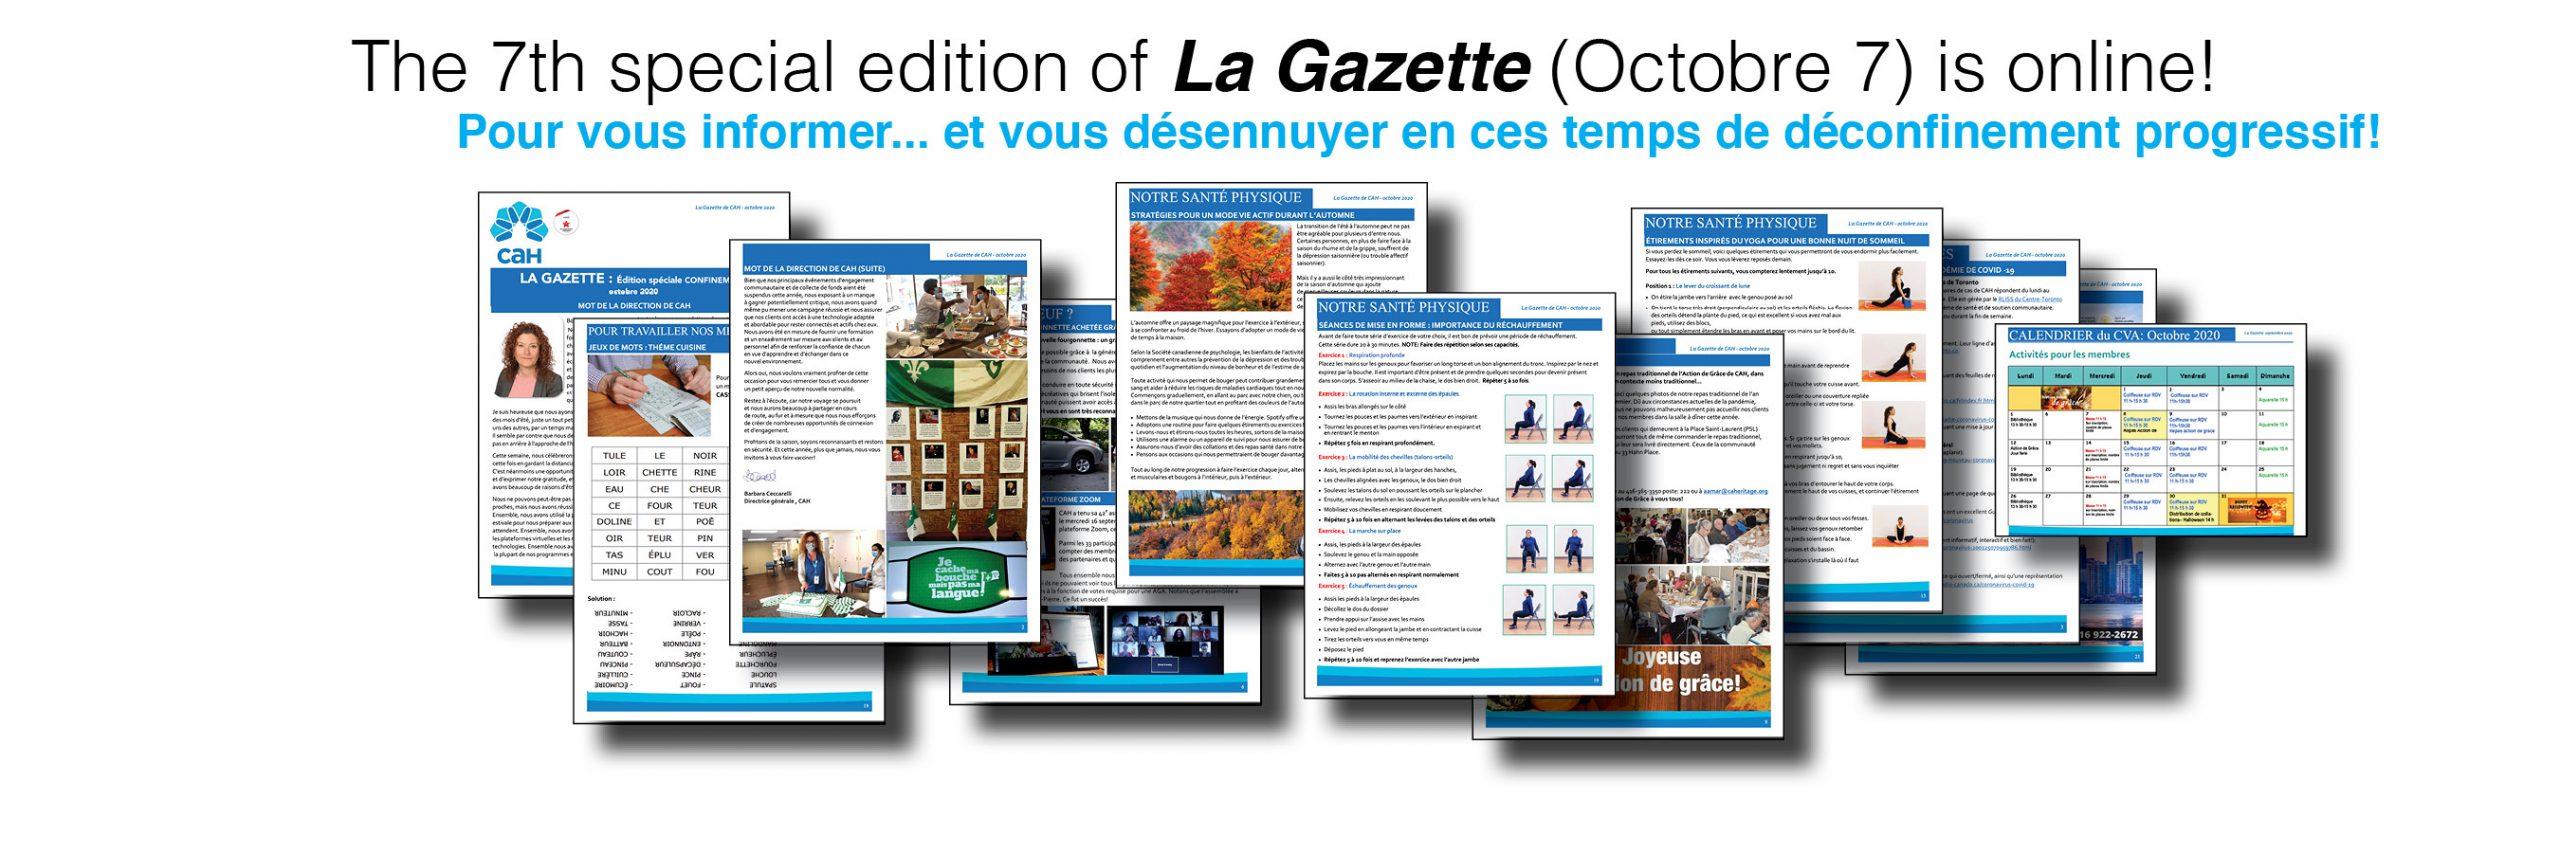 La 7e édition spéciale CONFINEMENT 7 octobre 2020 est en ligne!